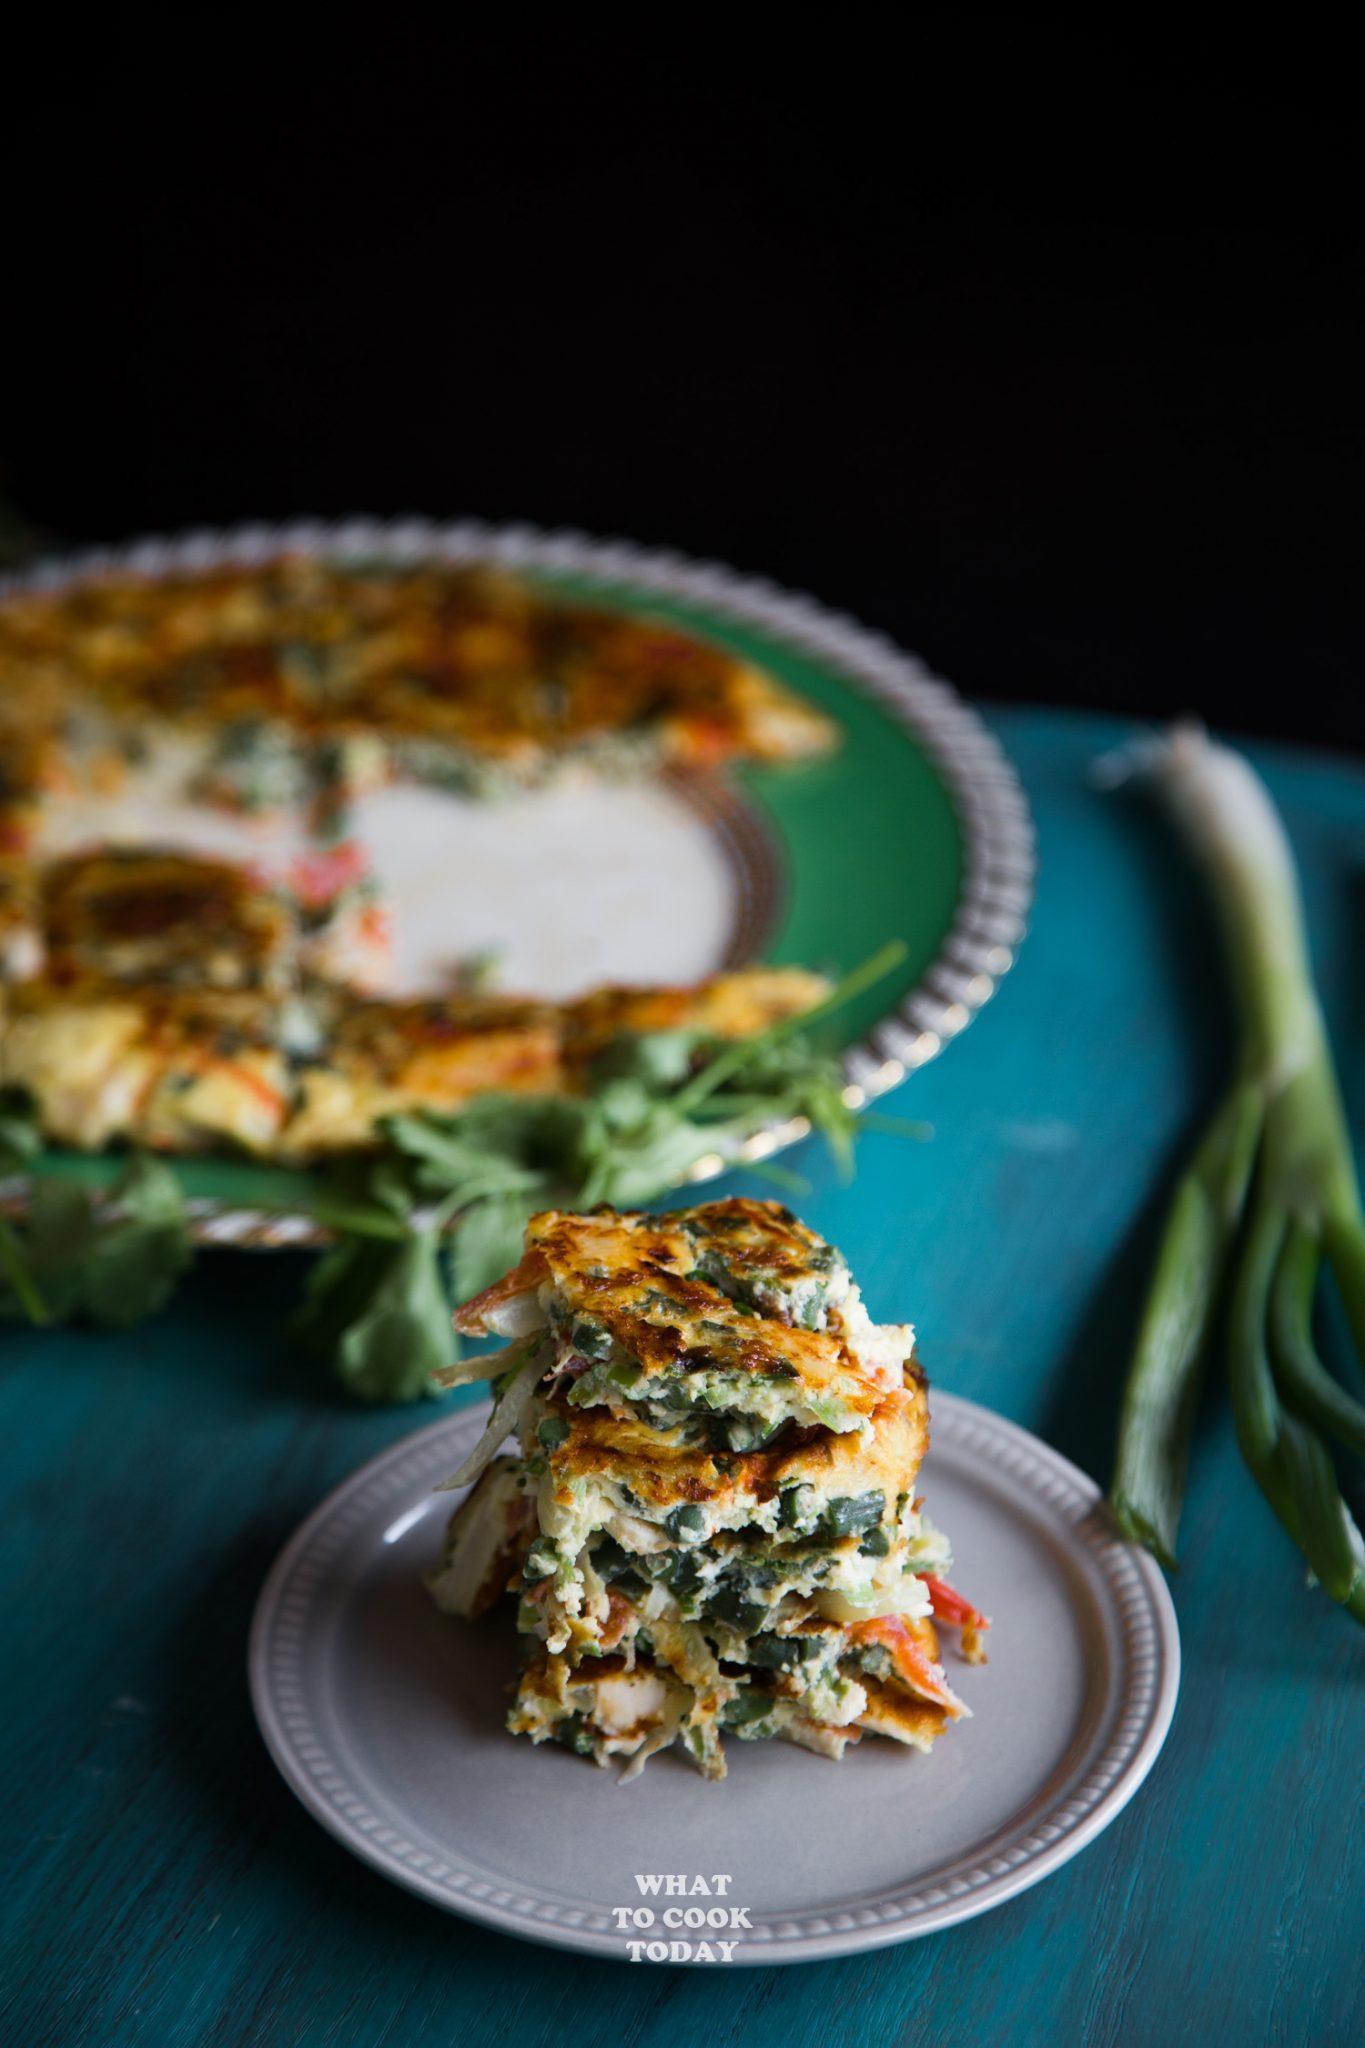 Laotian Omelette #eggs #omelette #laos #easyrecipes